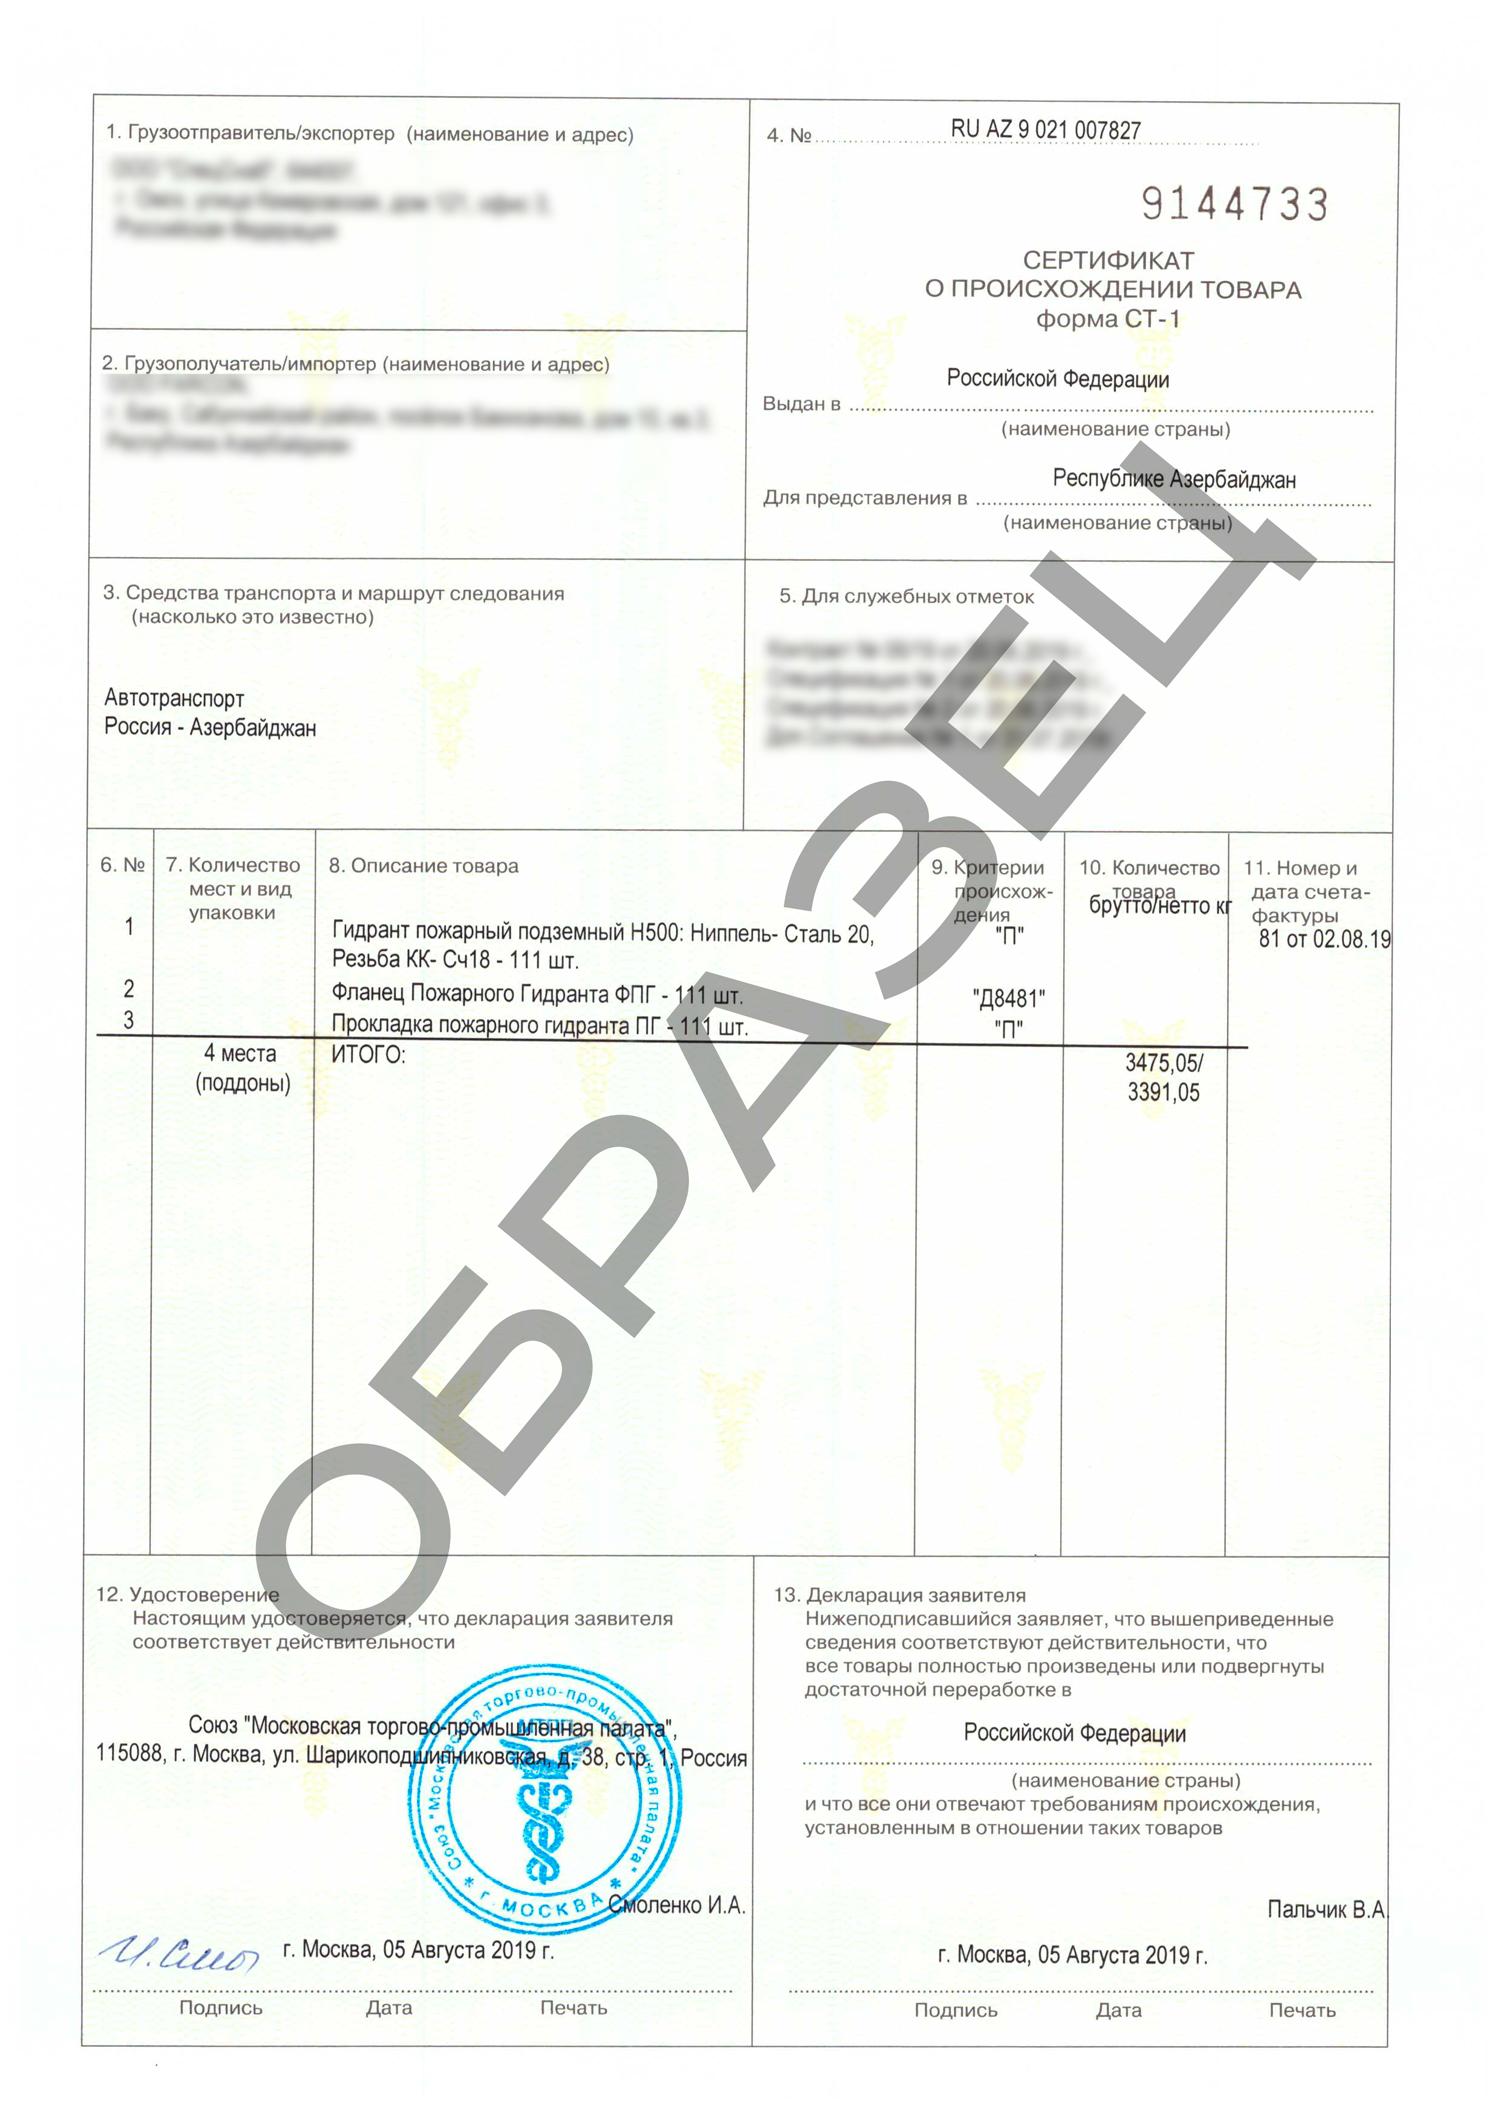 sertifikat-proishozhdeniya-1